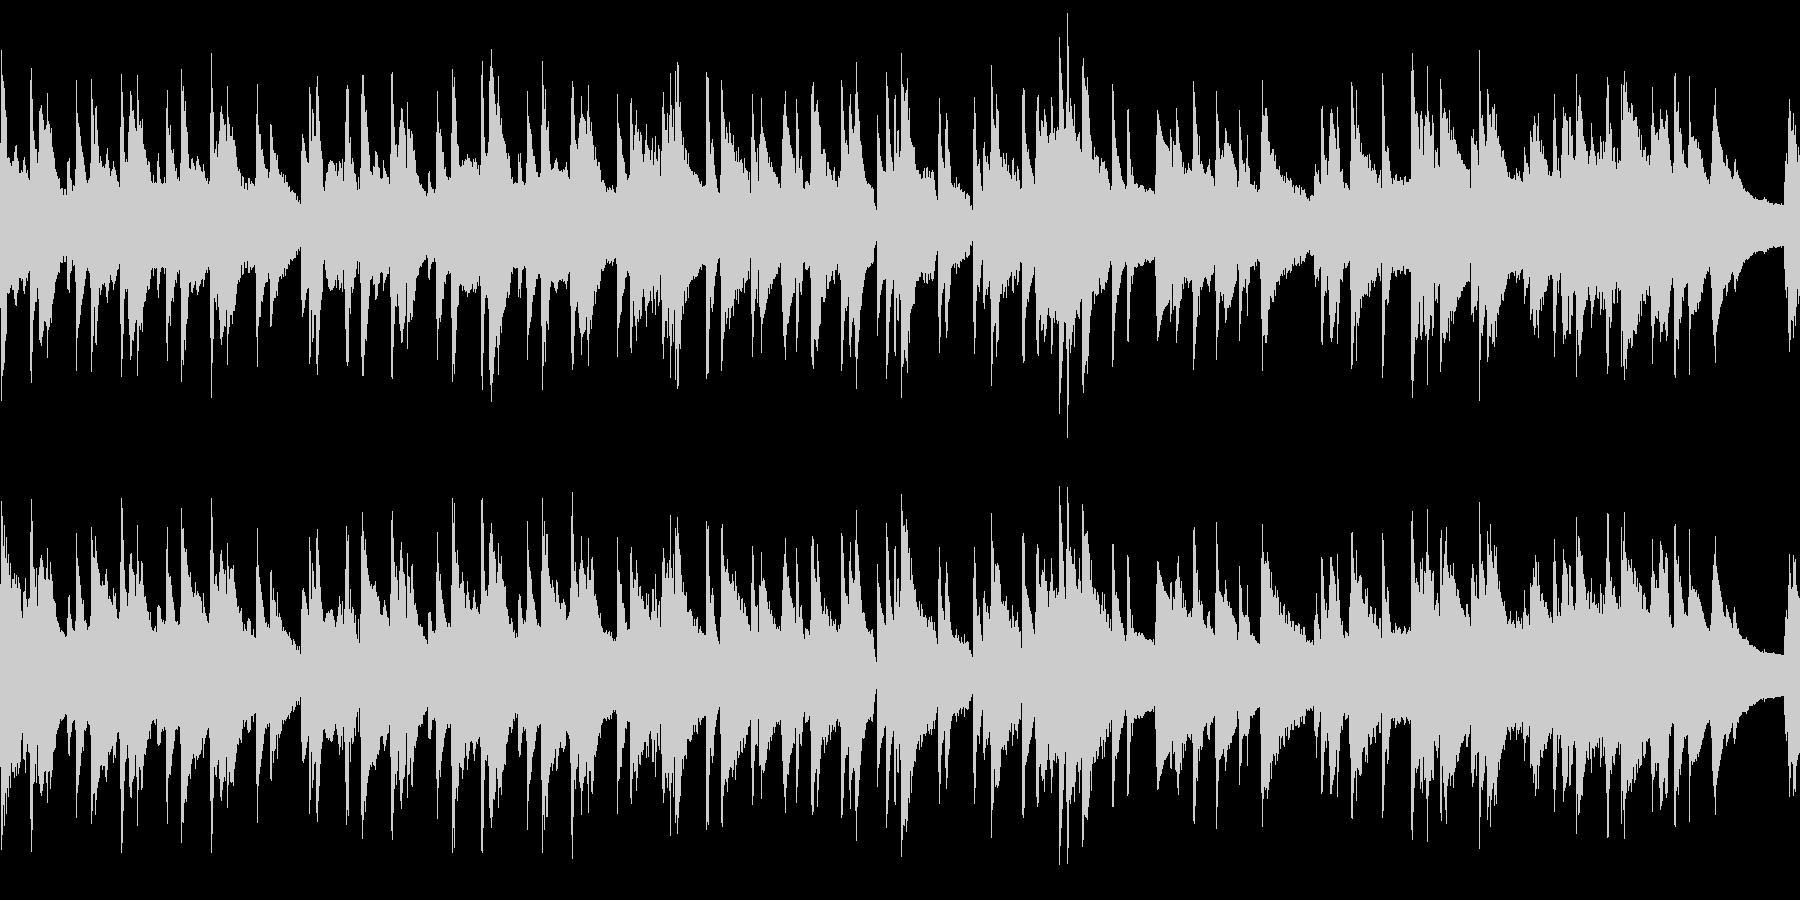 ループ ゆったりお洒落なピアノジャズの未再生の波形